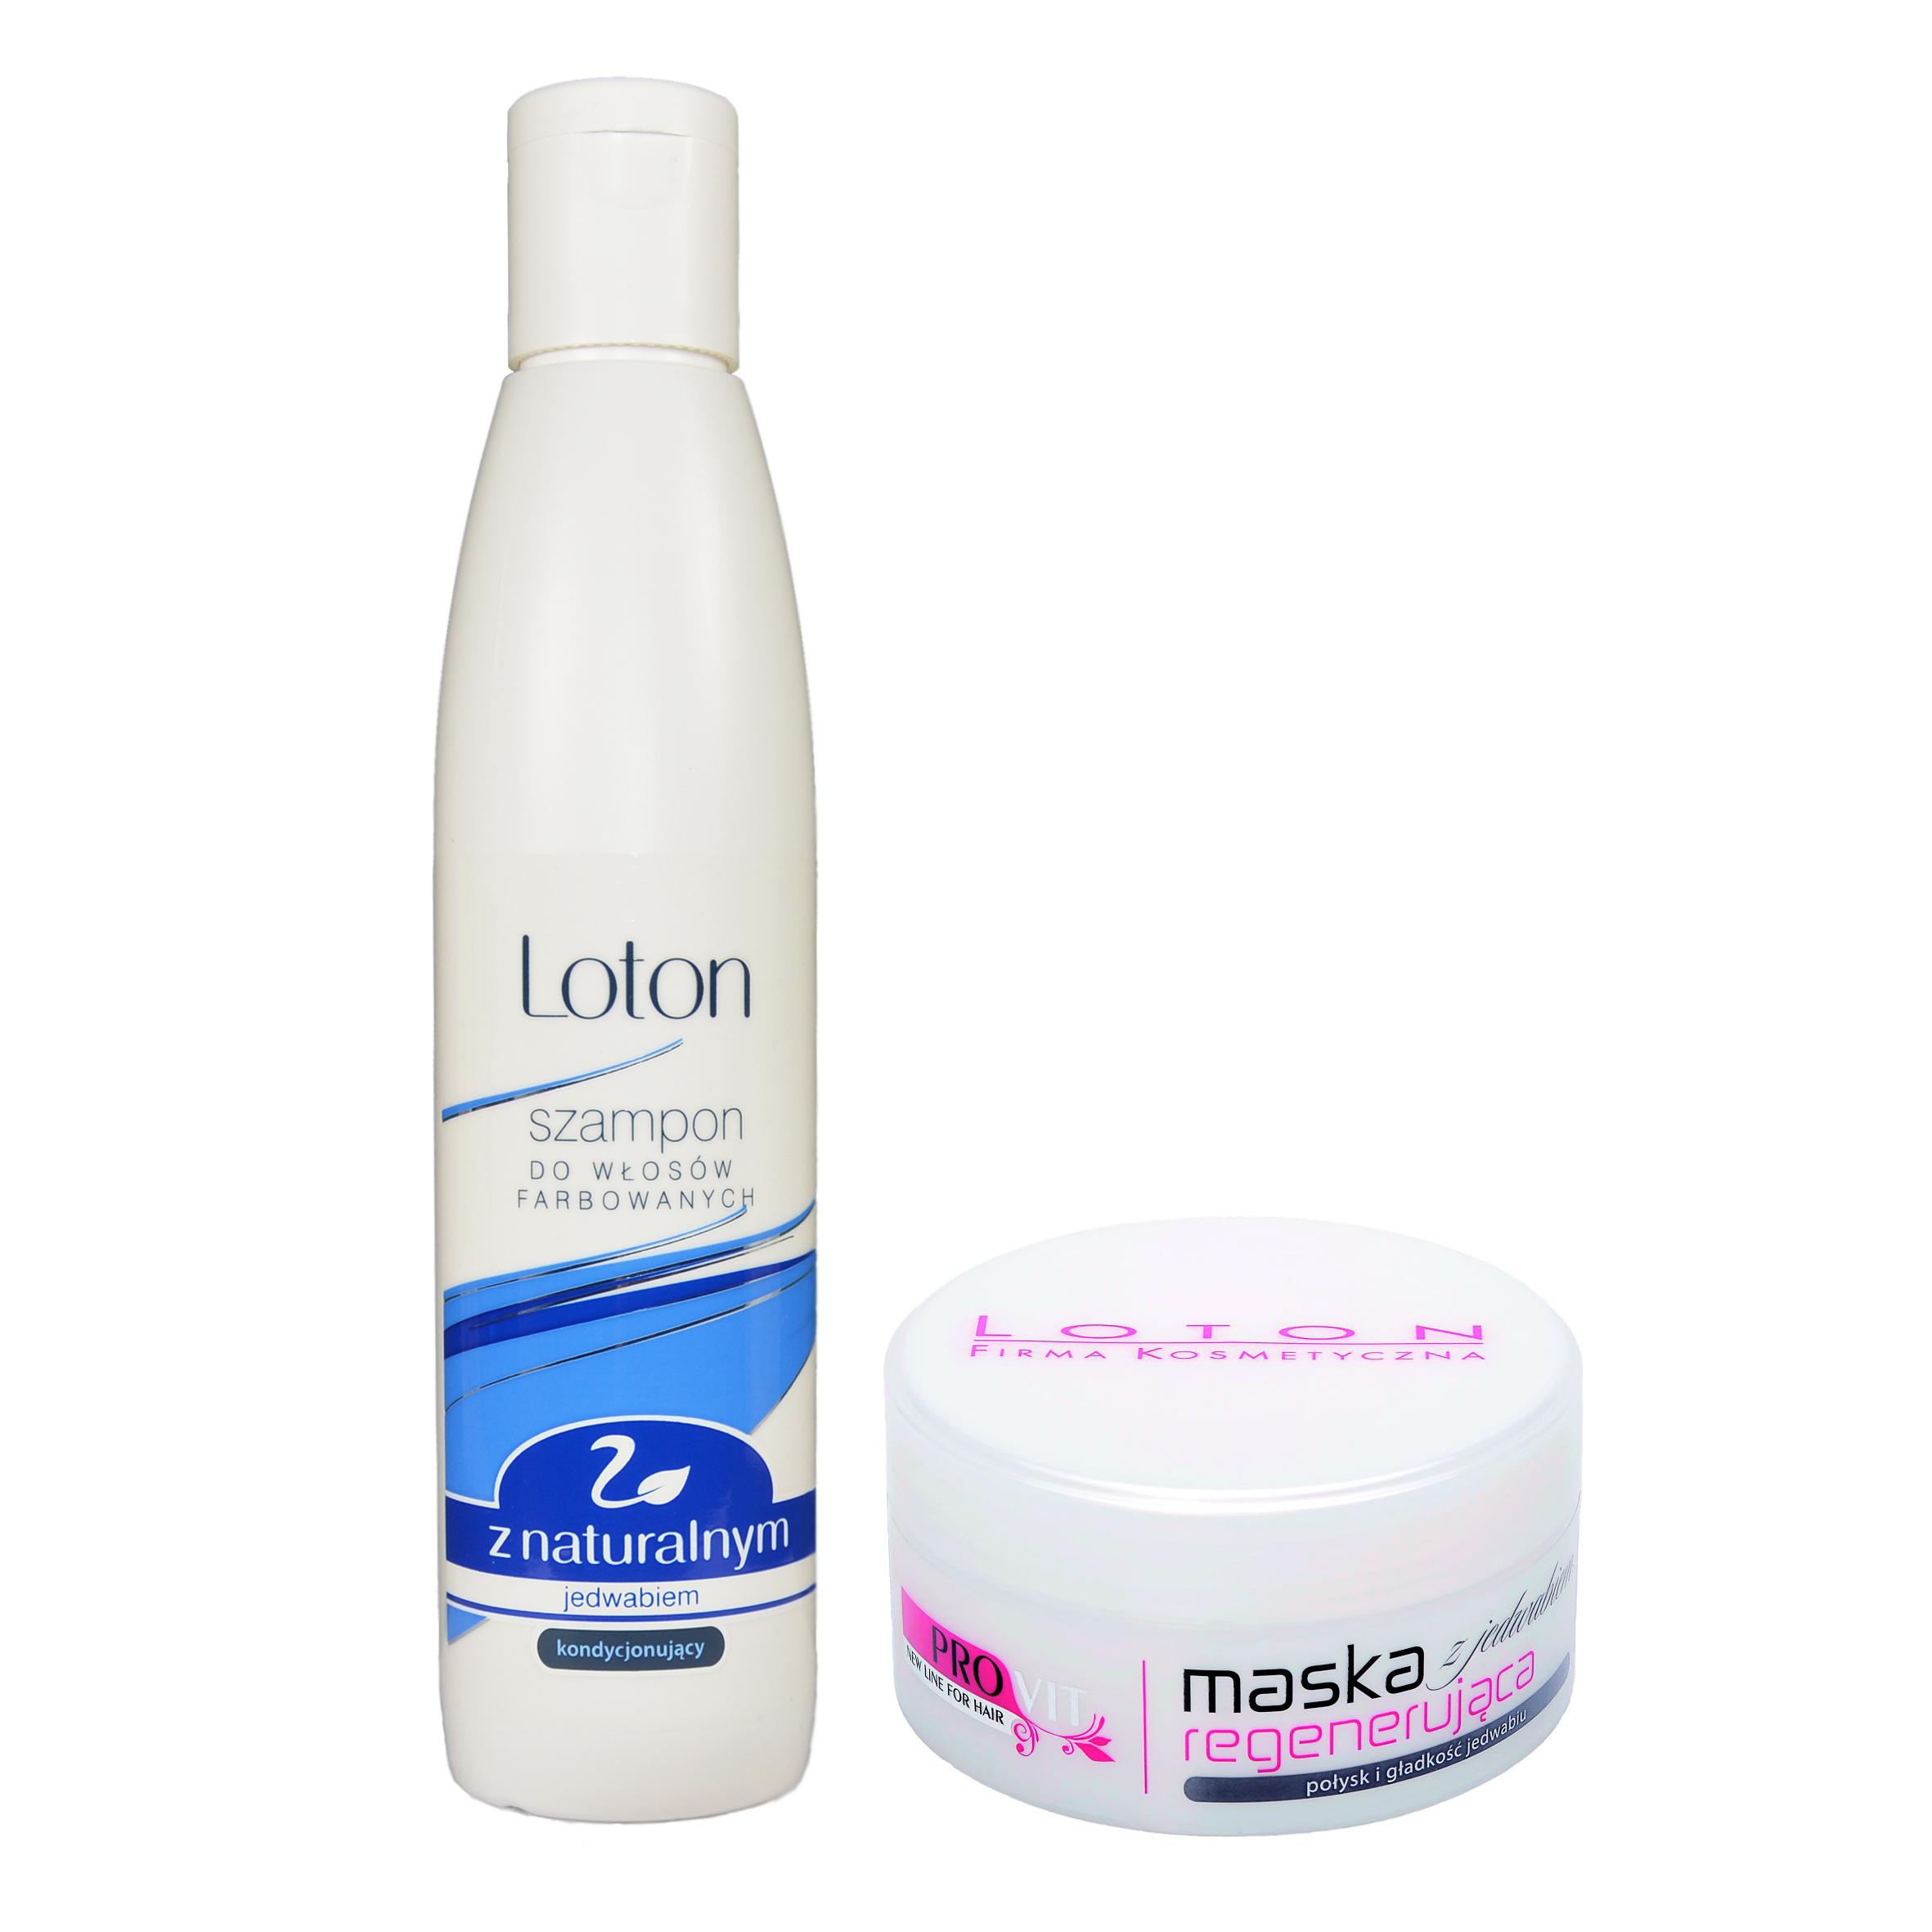 zestaw z jedwabiem – szampon i maska